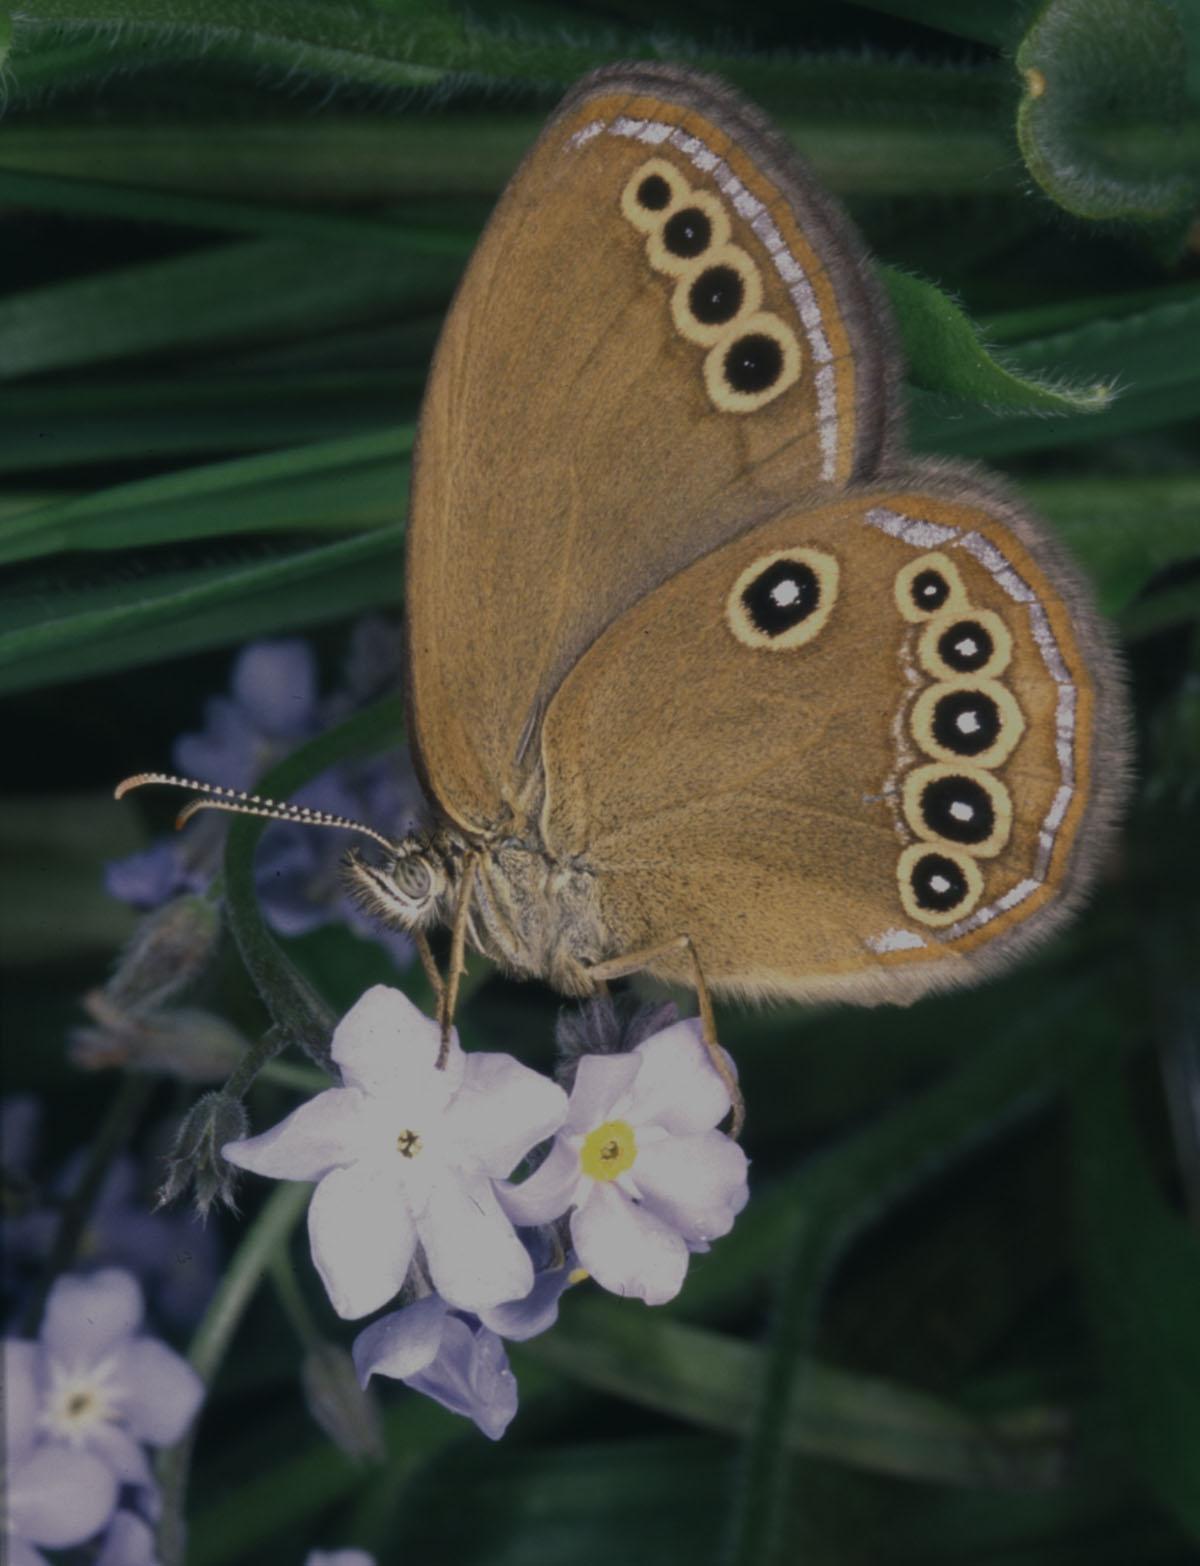 Coenonympha oedippus - Lepidottero presente nell'area delle risorgive friulanetutelato dalla normativa europea